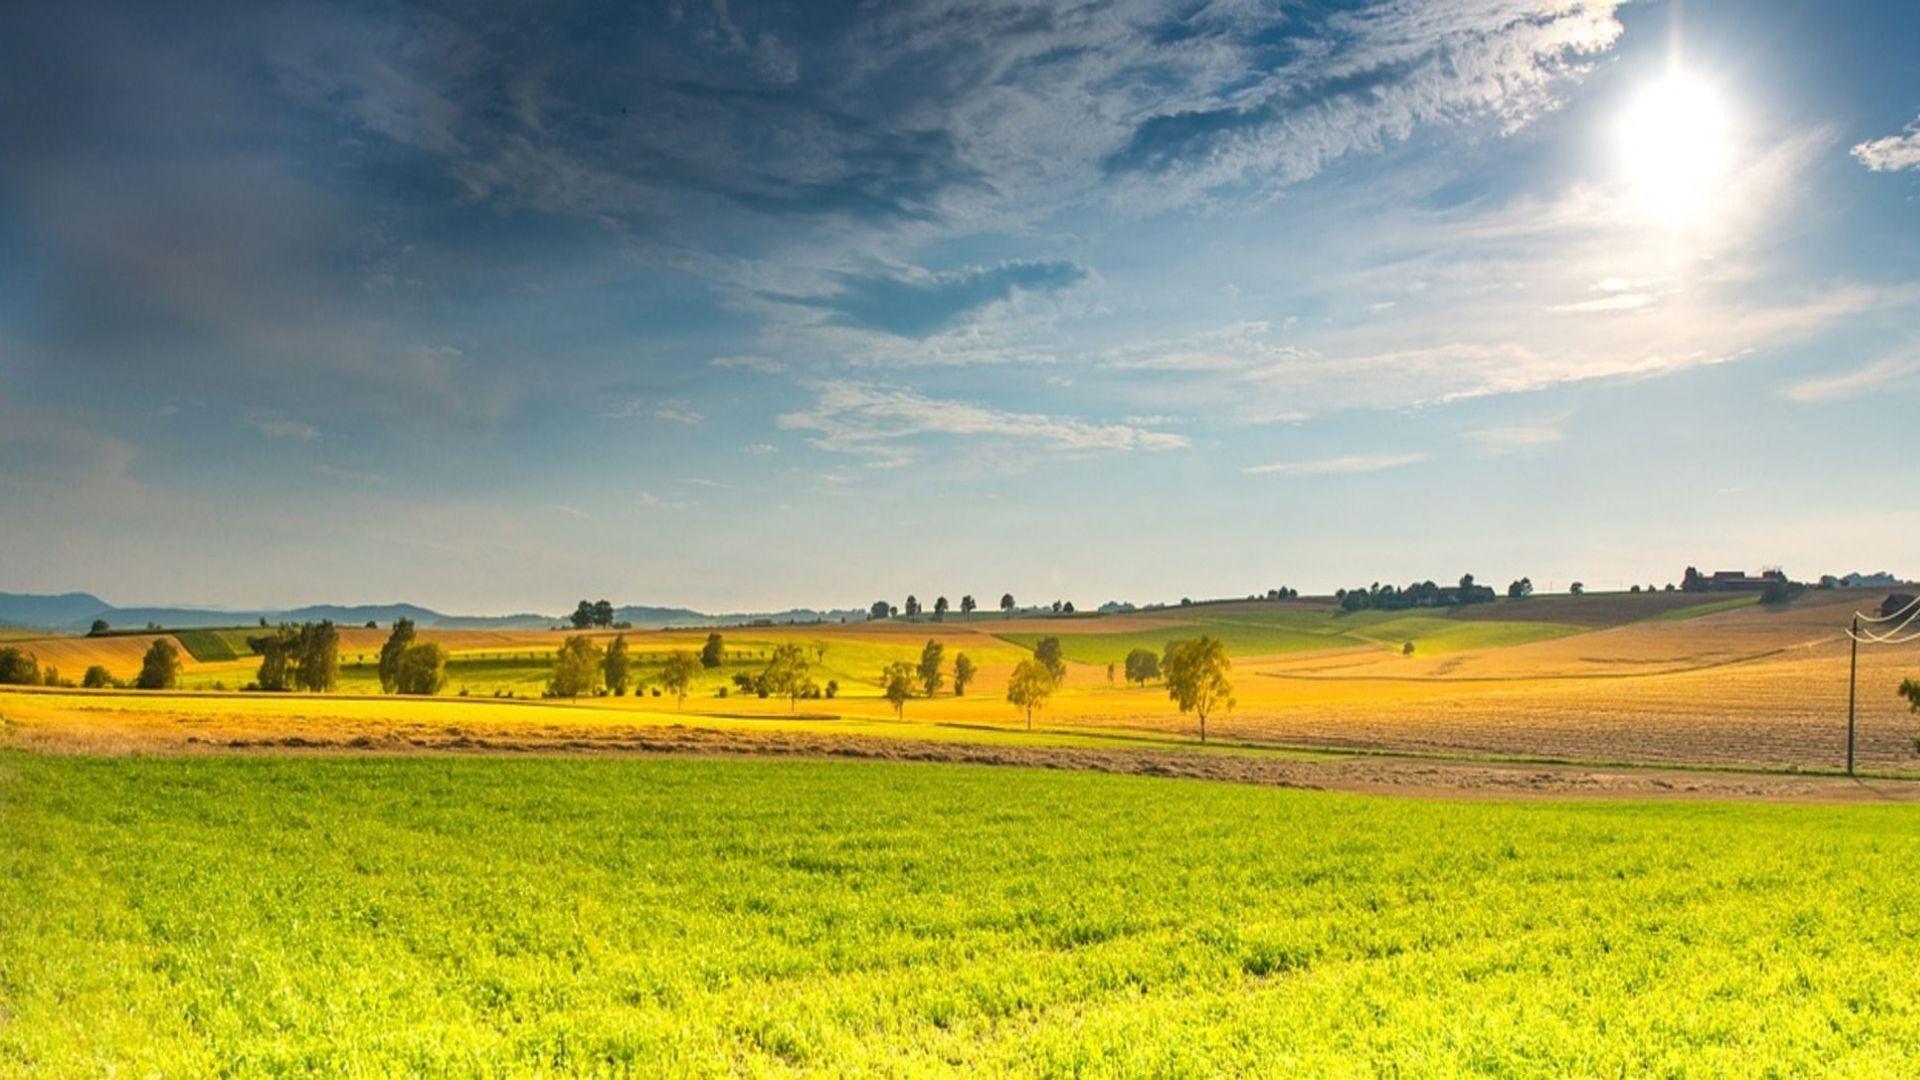 landscape-666927_1280 (1)